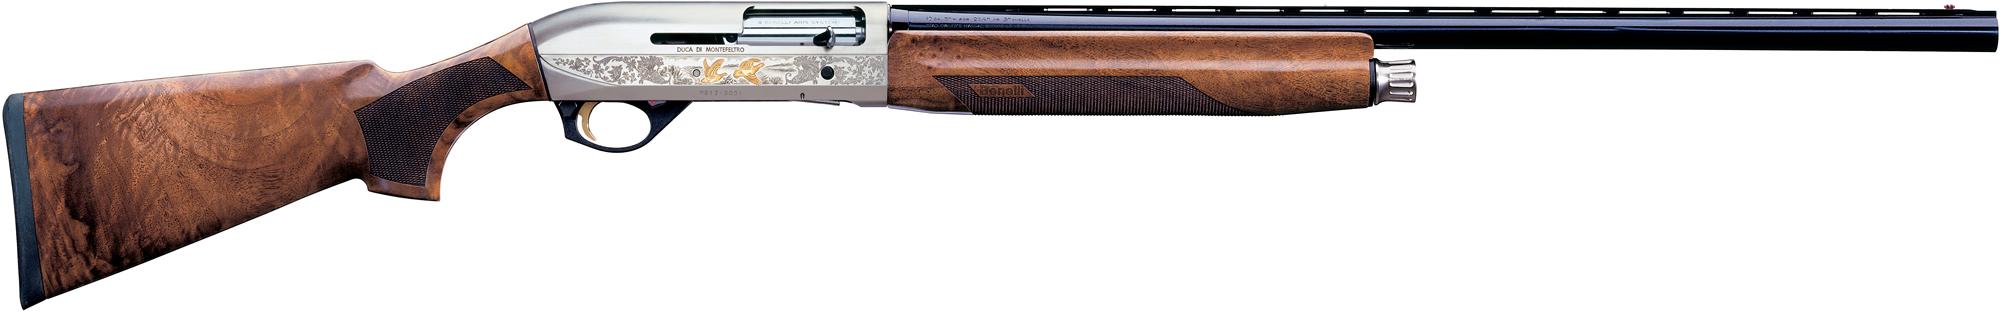 """benelli montefeltro silver shotgun bn10850, 12 gauge, 28"""", 3"""